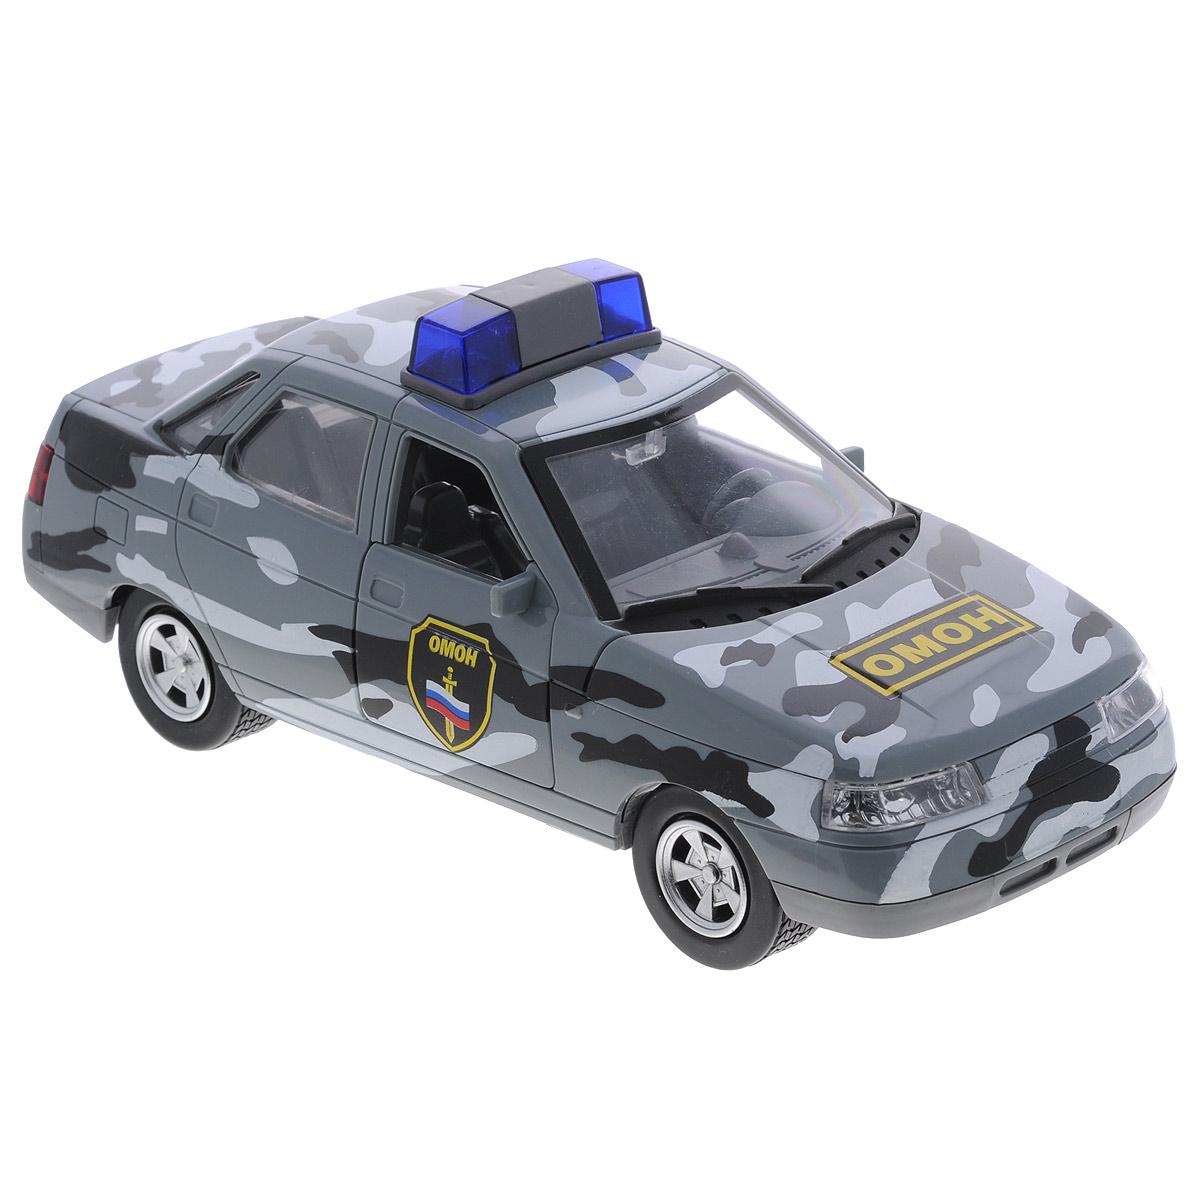 Машинка инерционная ТехноПарк Lada 110: ОМОНA553-H11063Инерционная машинка ТехноПарк Lada 110: ОМОН, выполненная из пластика и металла, станет любимой игрушкой вашего малыша. Игрушка представляет собой модель автомобиля ОМОНа марки Lada 110. Дверцы кабины, багажного отделения, а также капот открываются. При нажатии на кнопку на крыше модели замигают фары и проблесковые маячки и раздастся звук сирены. Игрушка оснащена инерционным ходом. Машинку необходимо отвести назад, затем отпустить - и она быстро поедет вперед. Прорезиненные колеса обеспечивают надежное сцепление с любой гладкой поверхностью. Ваш ребенок будет часами играть с этой машинкой, придумывая различные истории. Порадуйте его таким замечательным подарком! Машинка работает от батареек (товар комплектуется демонстрационными).